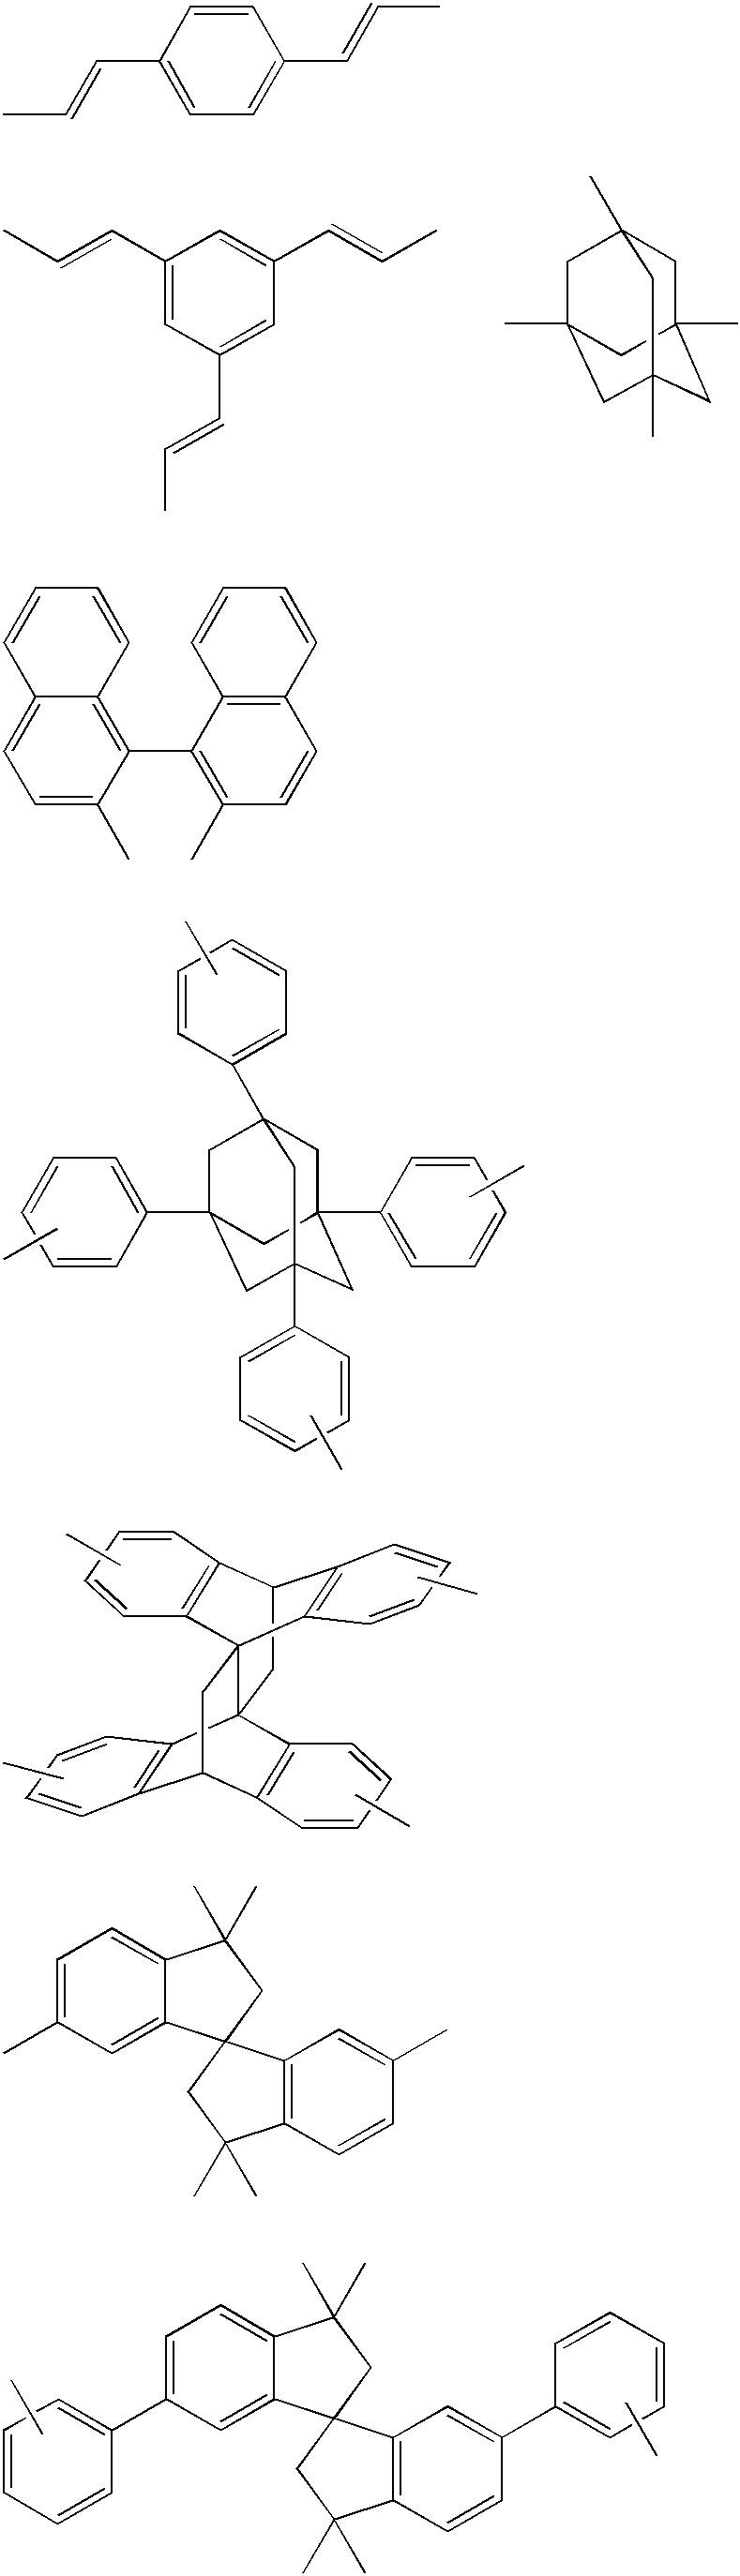 Figure US20030168970A1-20030911-C00009